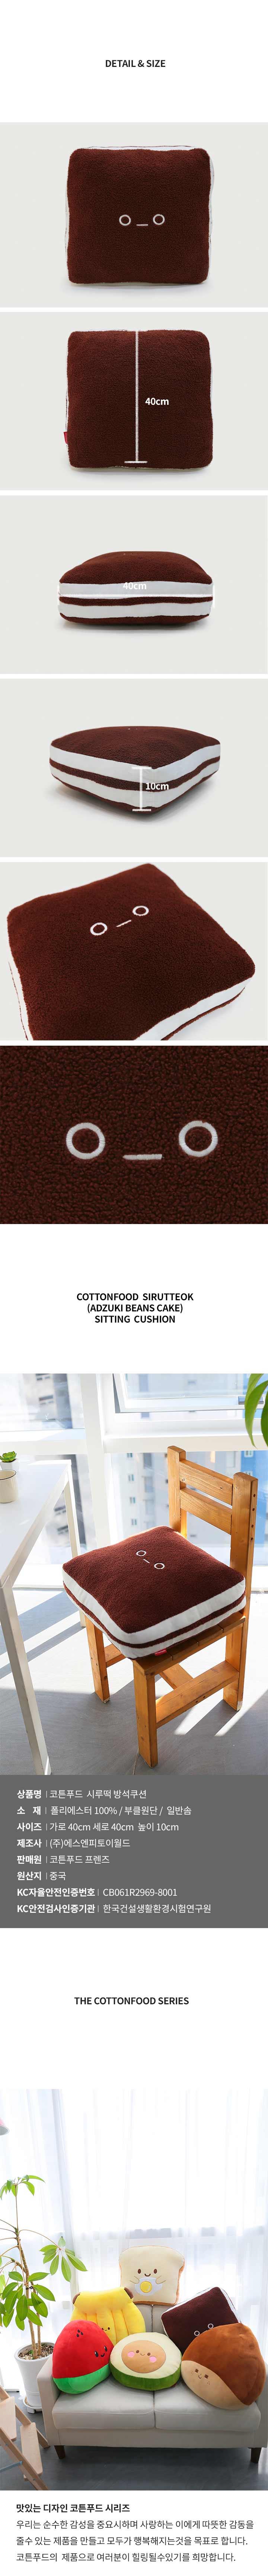 코튼푸드 시루떡 쿠션방석